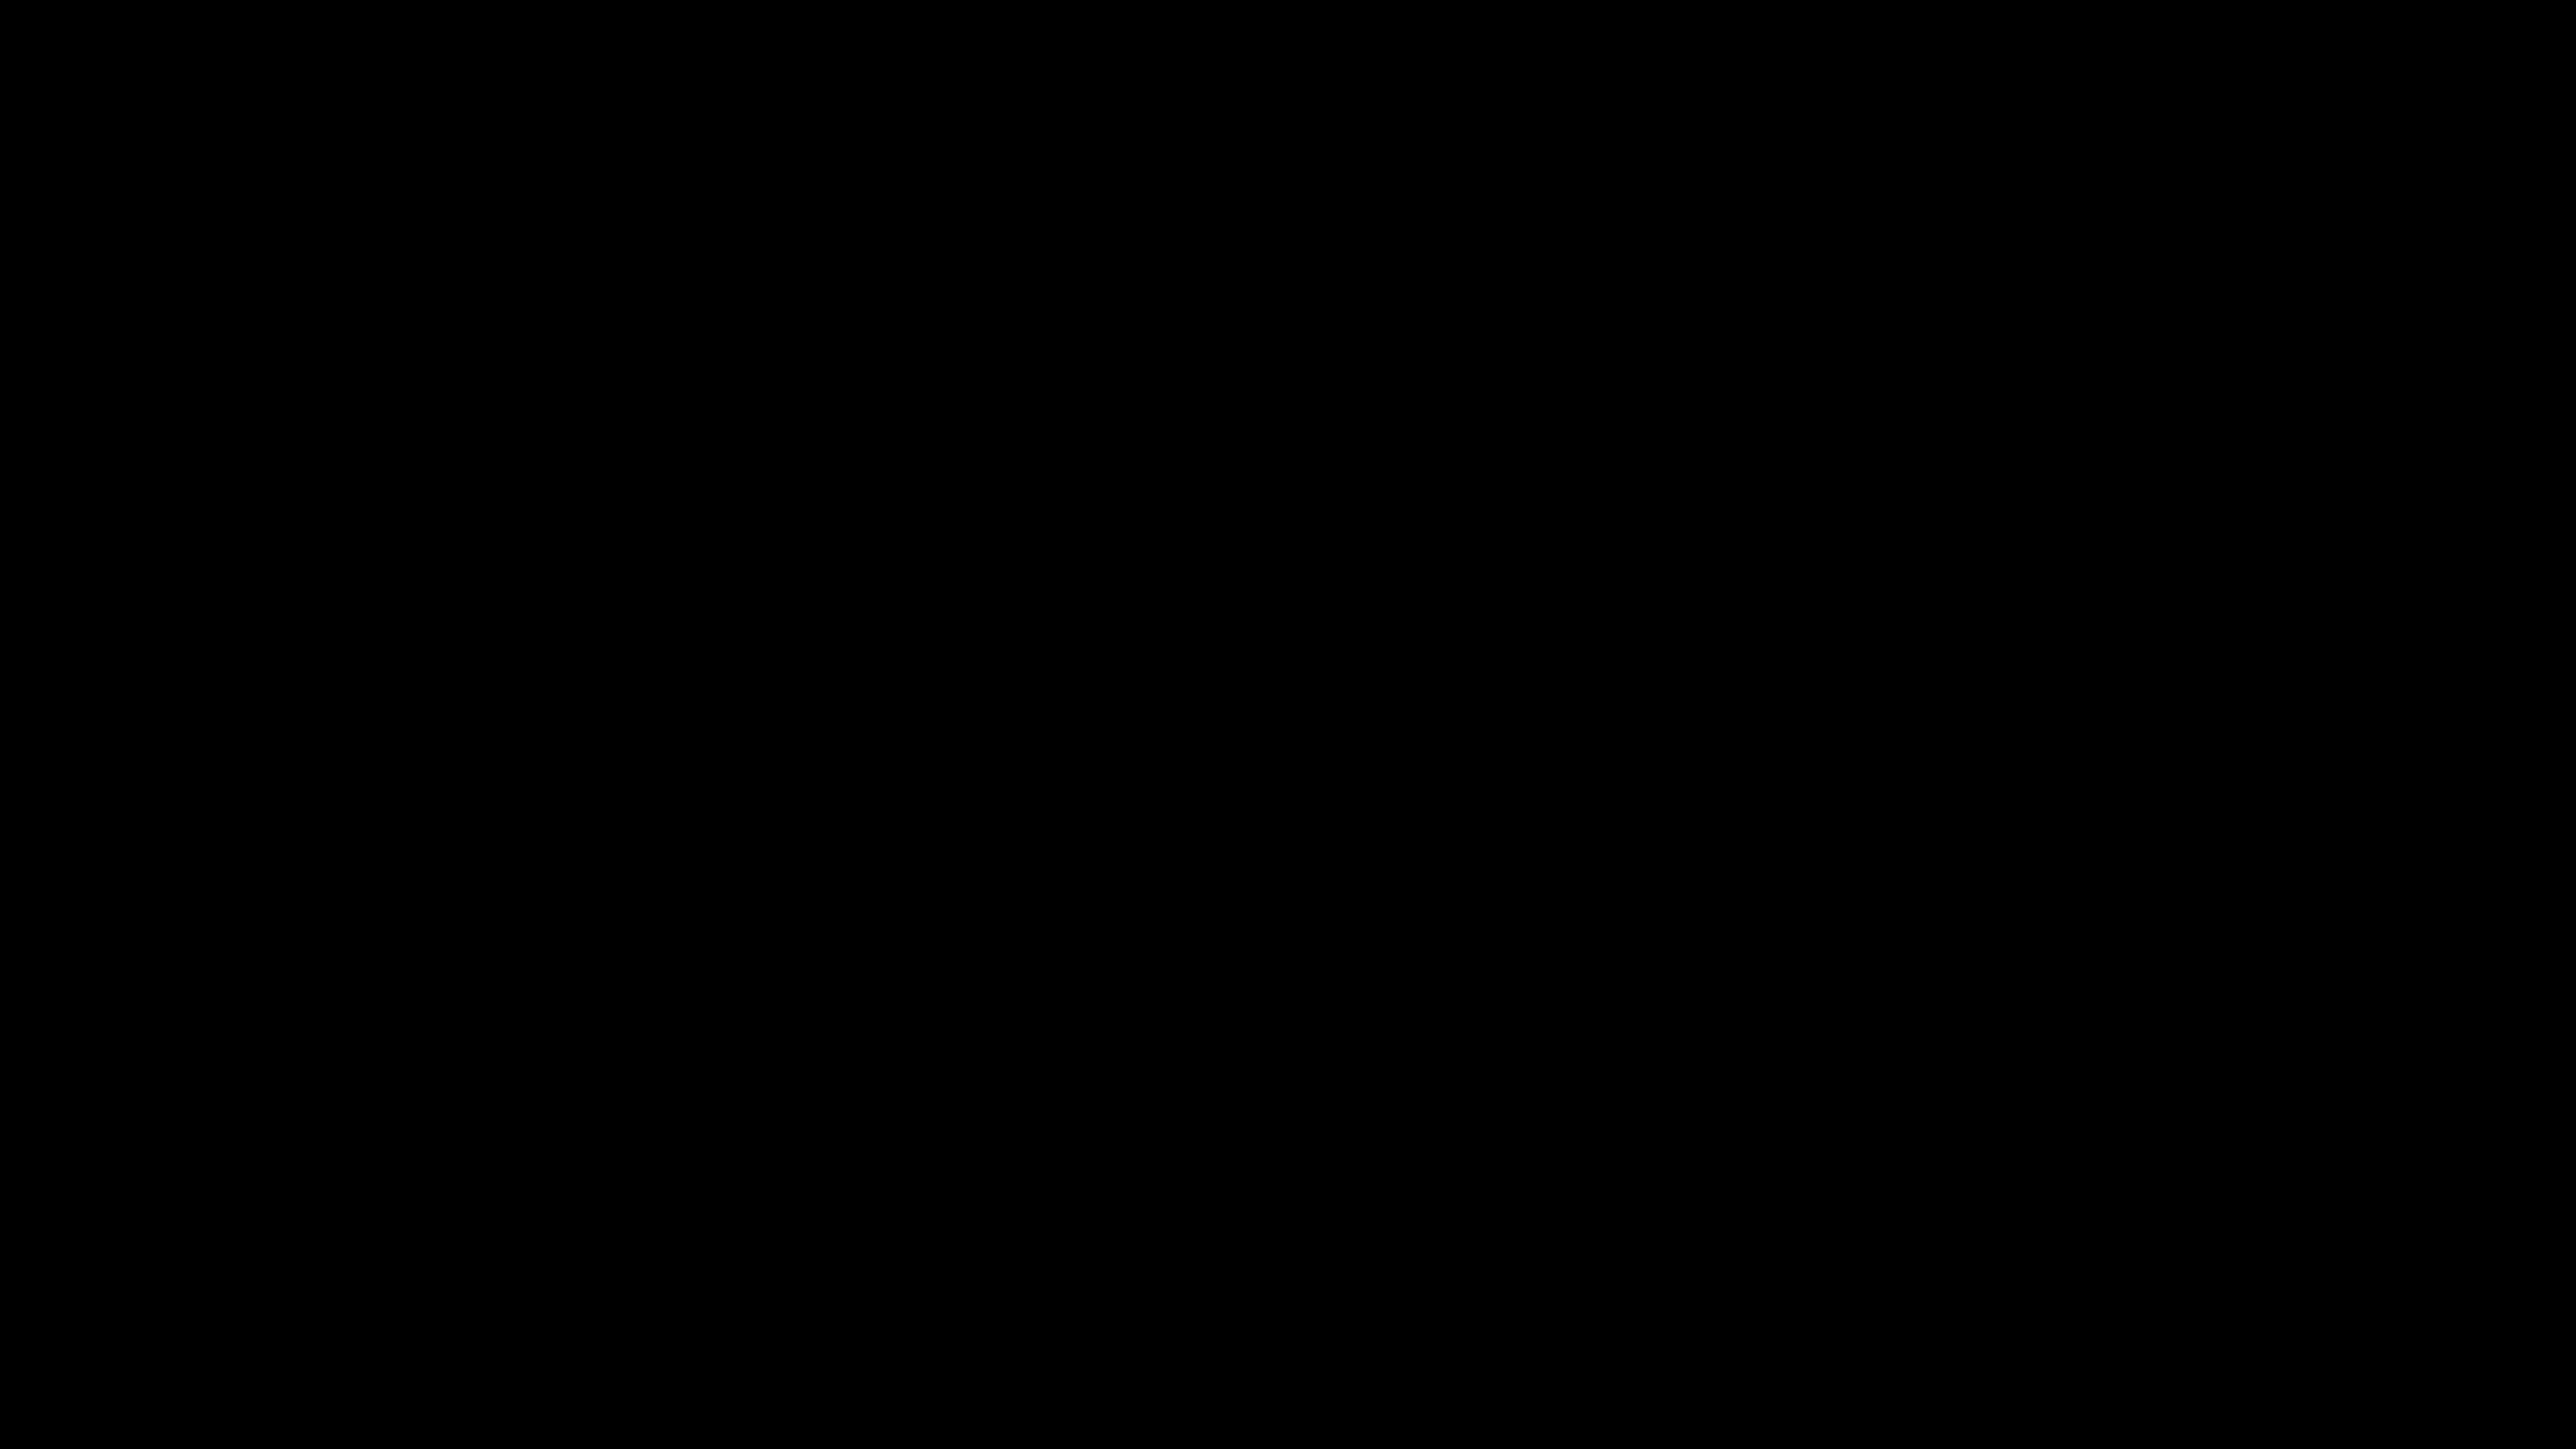 https://cloud-9zijaytez-hack-club-bot.vercel.app/0plan.png